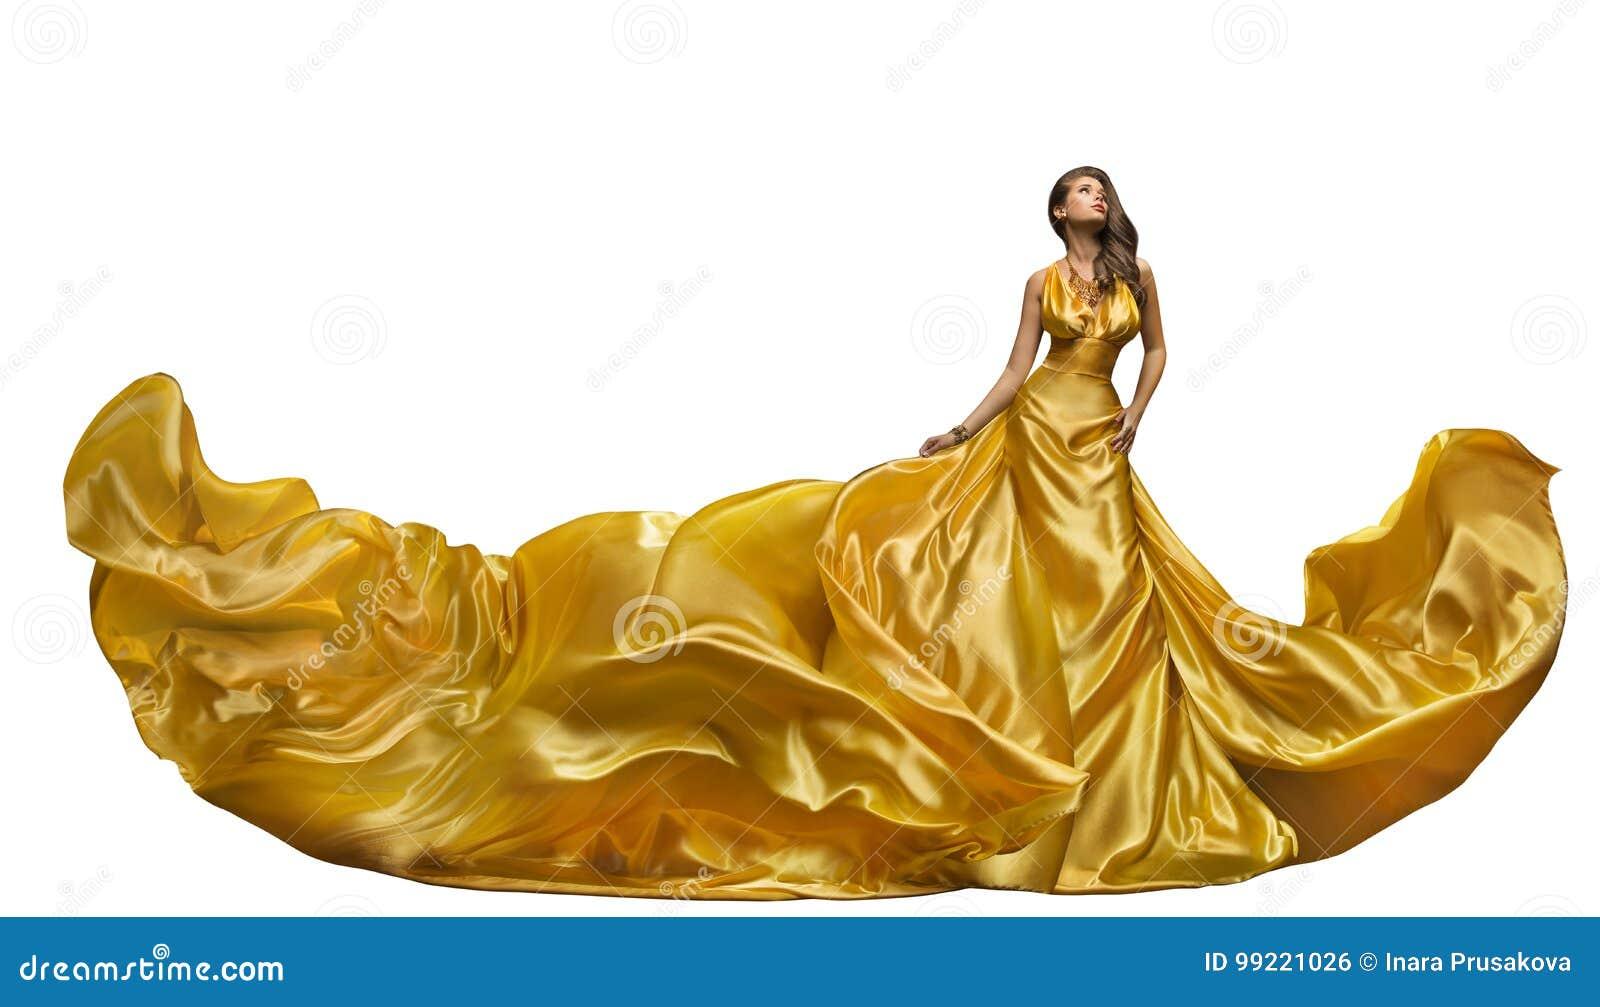 Fashion Model Dress, Woman Dance in Long Gown, Waving Golden Silk Fabric, Beautiful Girl on White